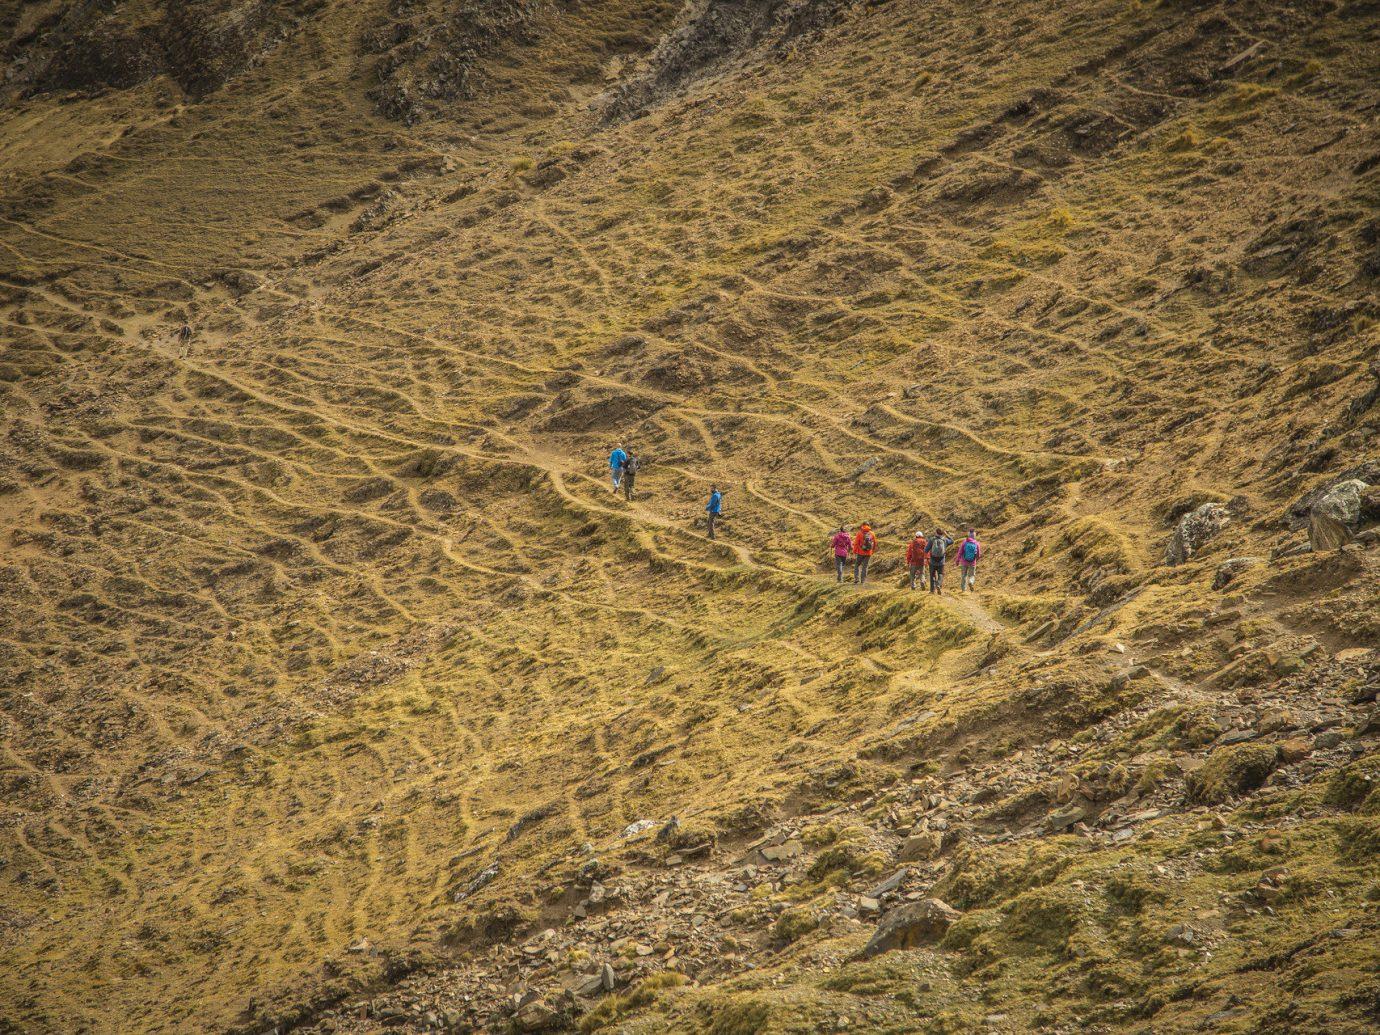 People hiking on Inca Trail